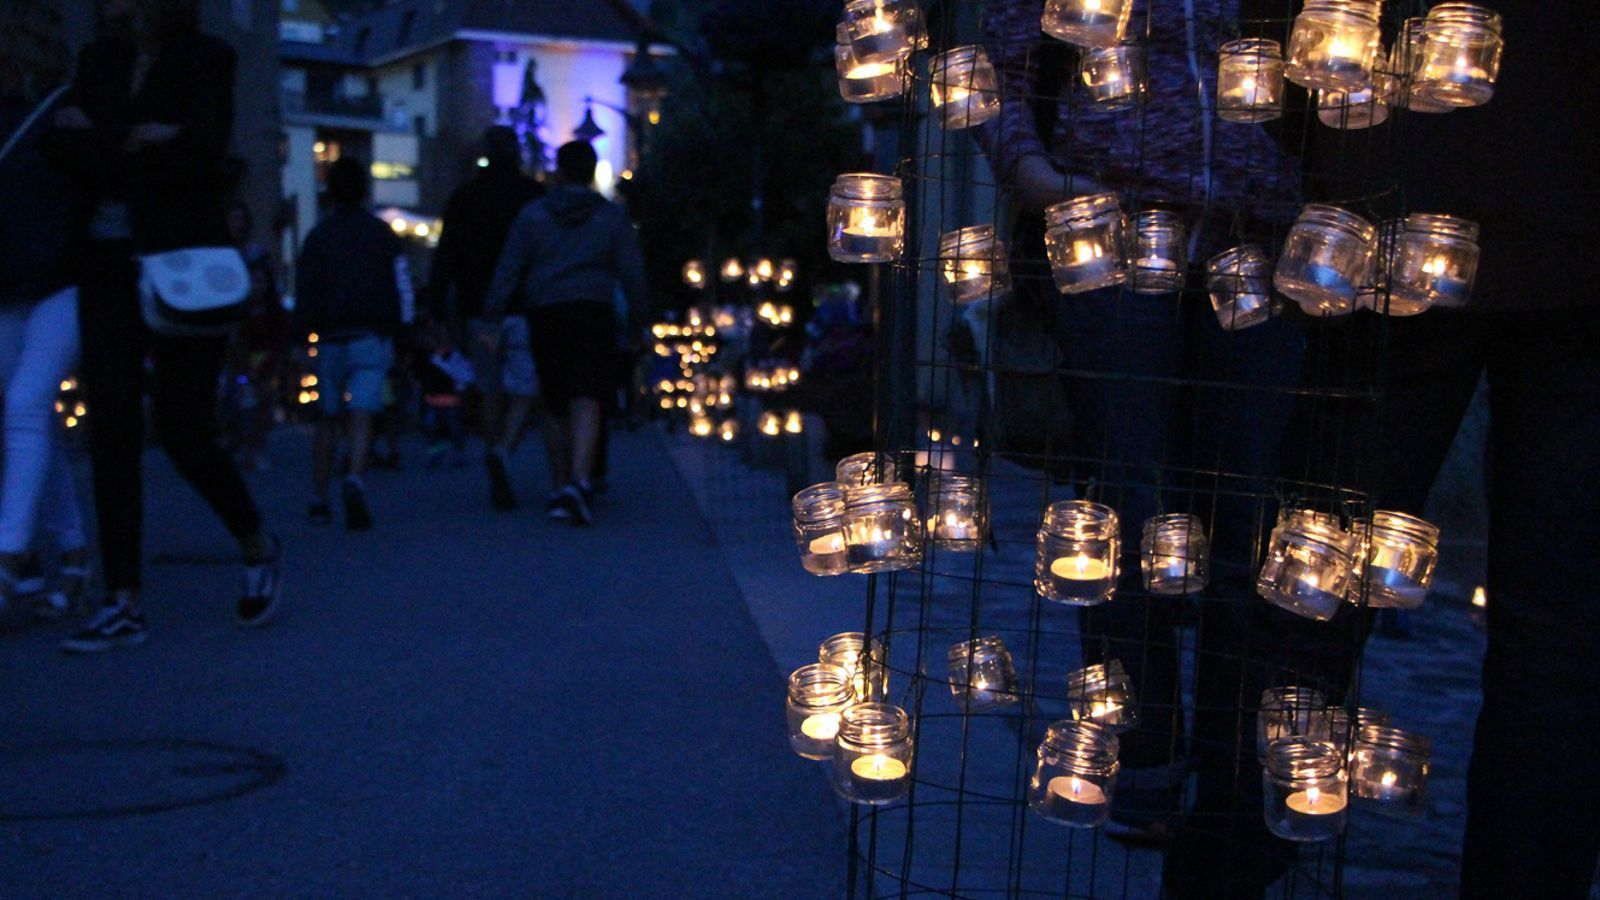 Ordino s'omple de llum amb 13.000 espelmes. / M. P. (ANA)